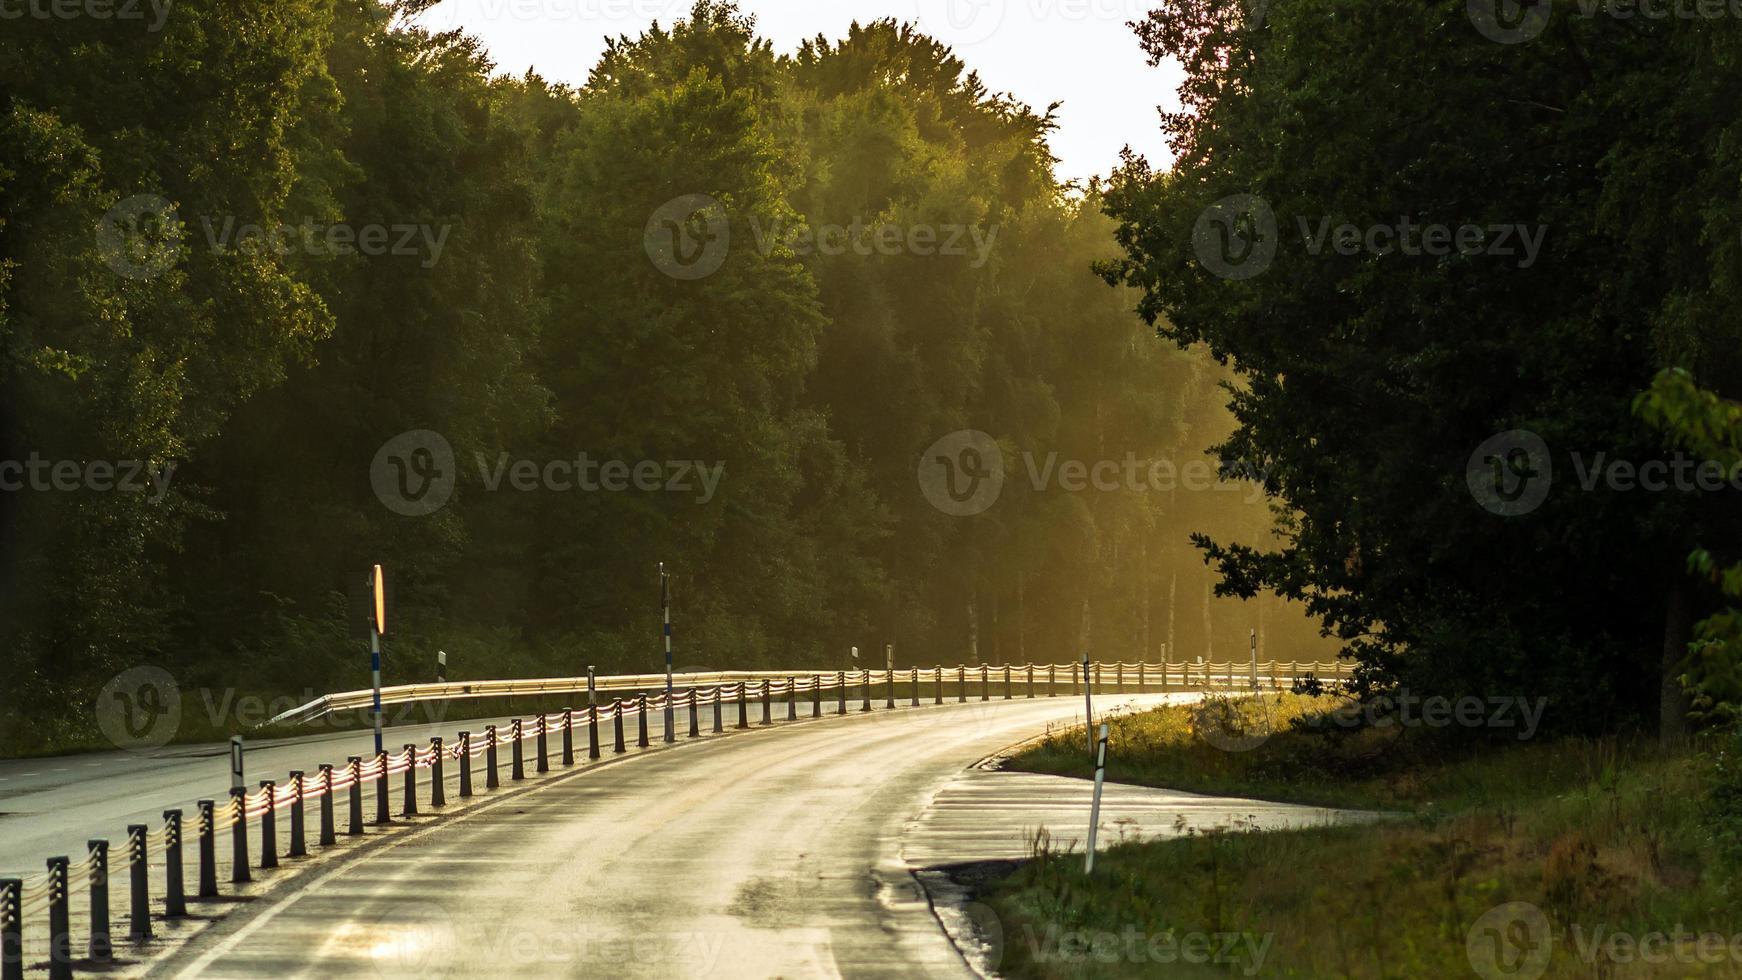 guida da solo su una strada forestale illuminata dal sole in Svezia foto